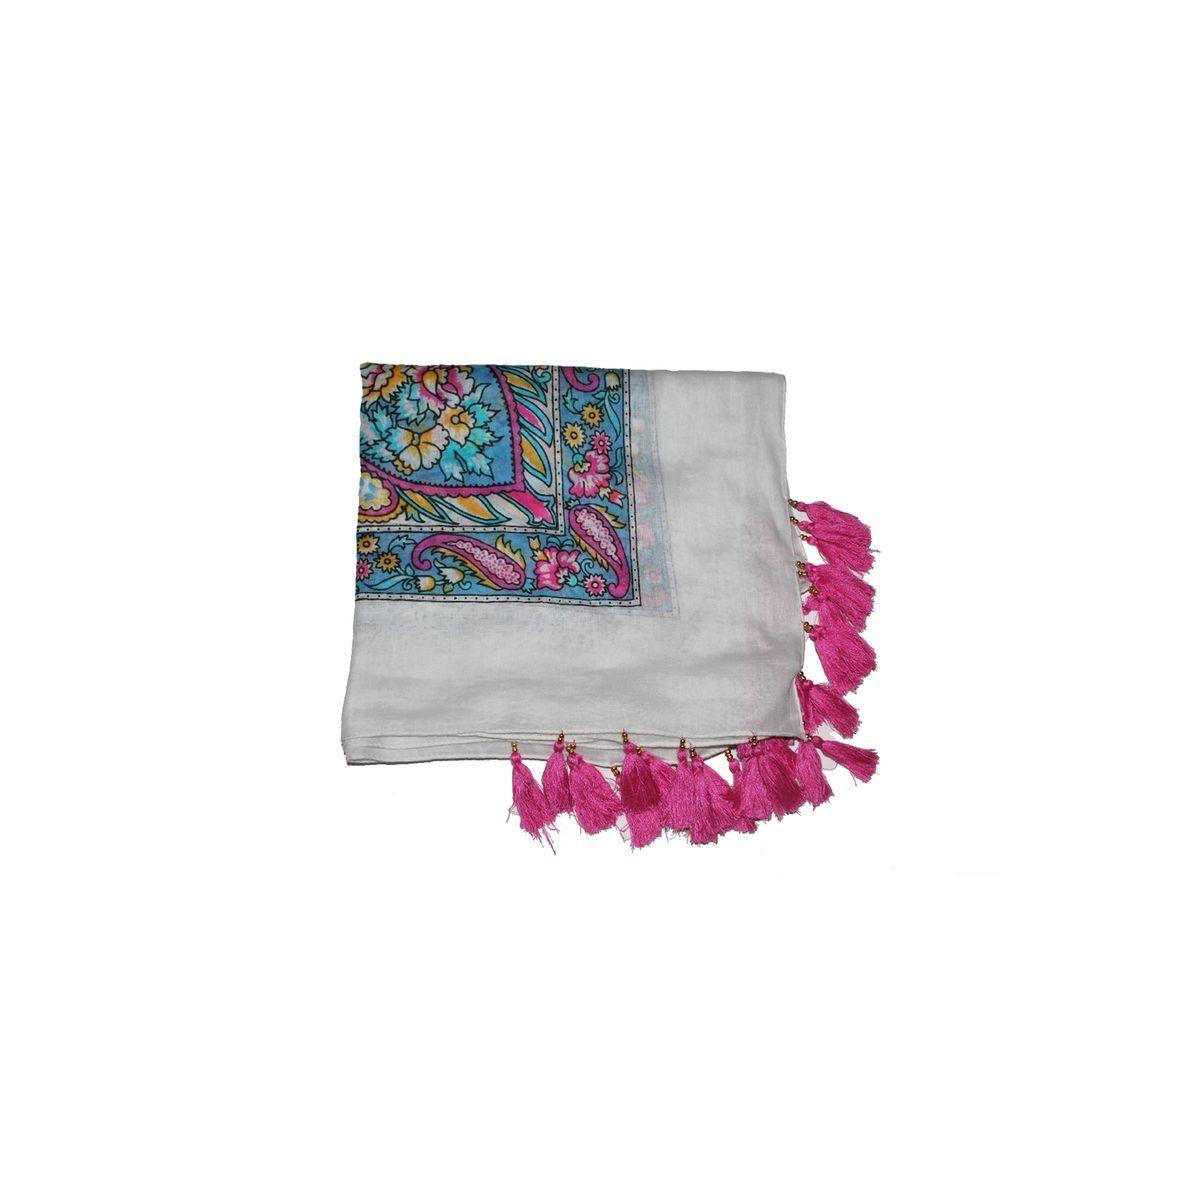 Écharpe imprimée en coton - Parapente